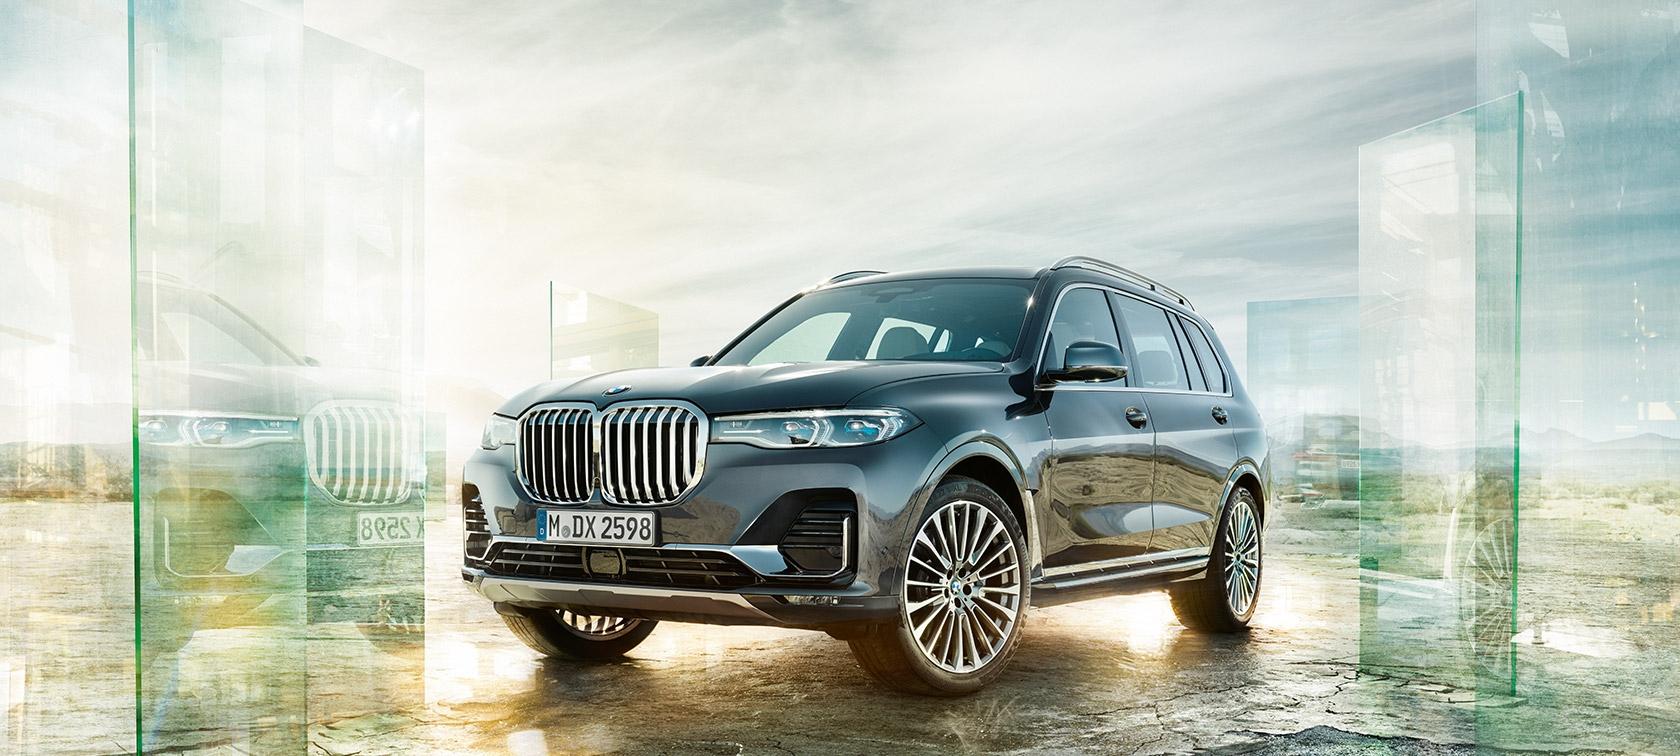 BMW X7: presentata una nuova ammiraglia, questa volta è un SUV thumbnail